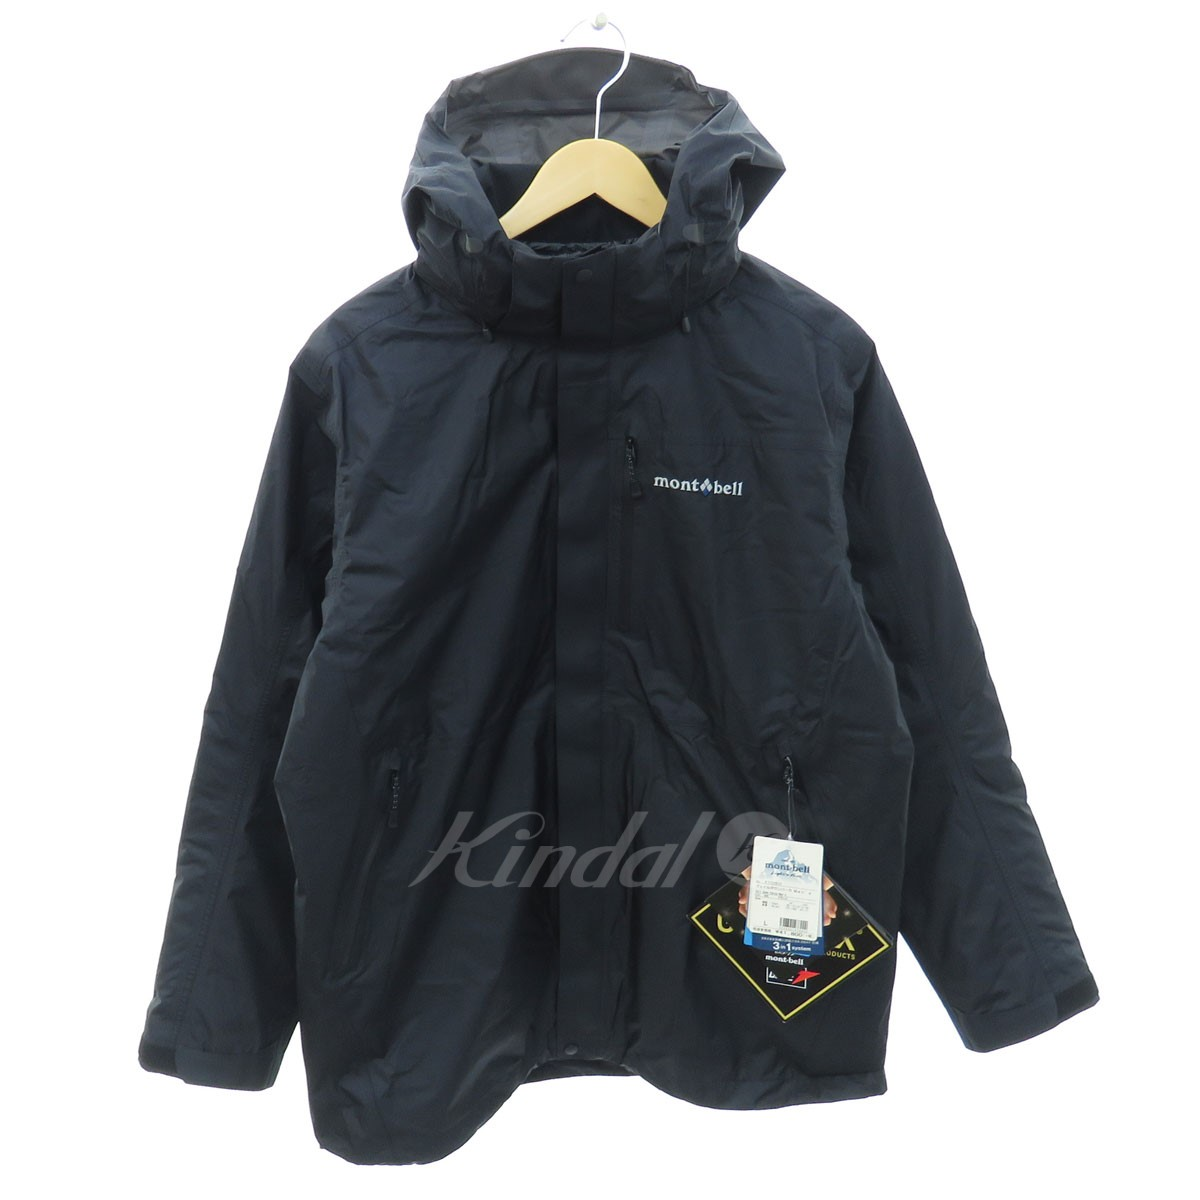 【中古】mont bell 1101511 Gore-TEX ヴェイルダウンパーカー ブラック サイズ:L 【送料無料】 【300918】(モンベル)